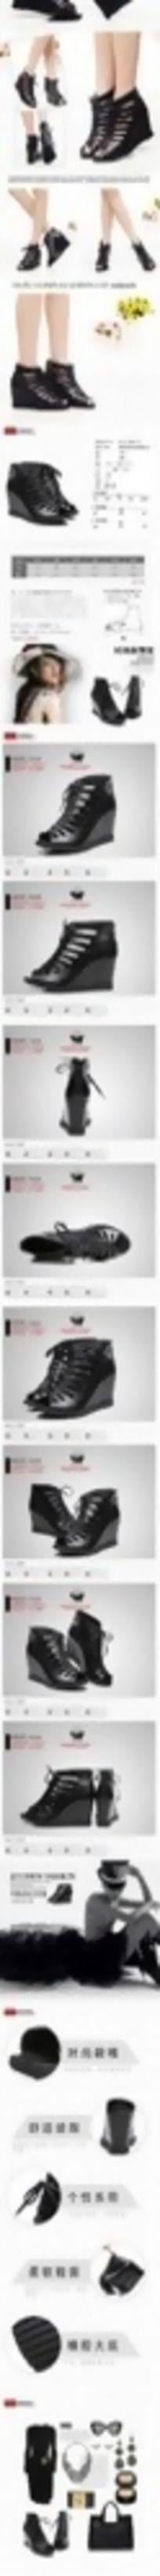 凉鞋描述网页广告